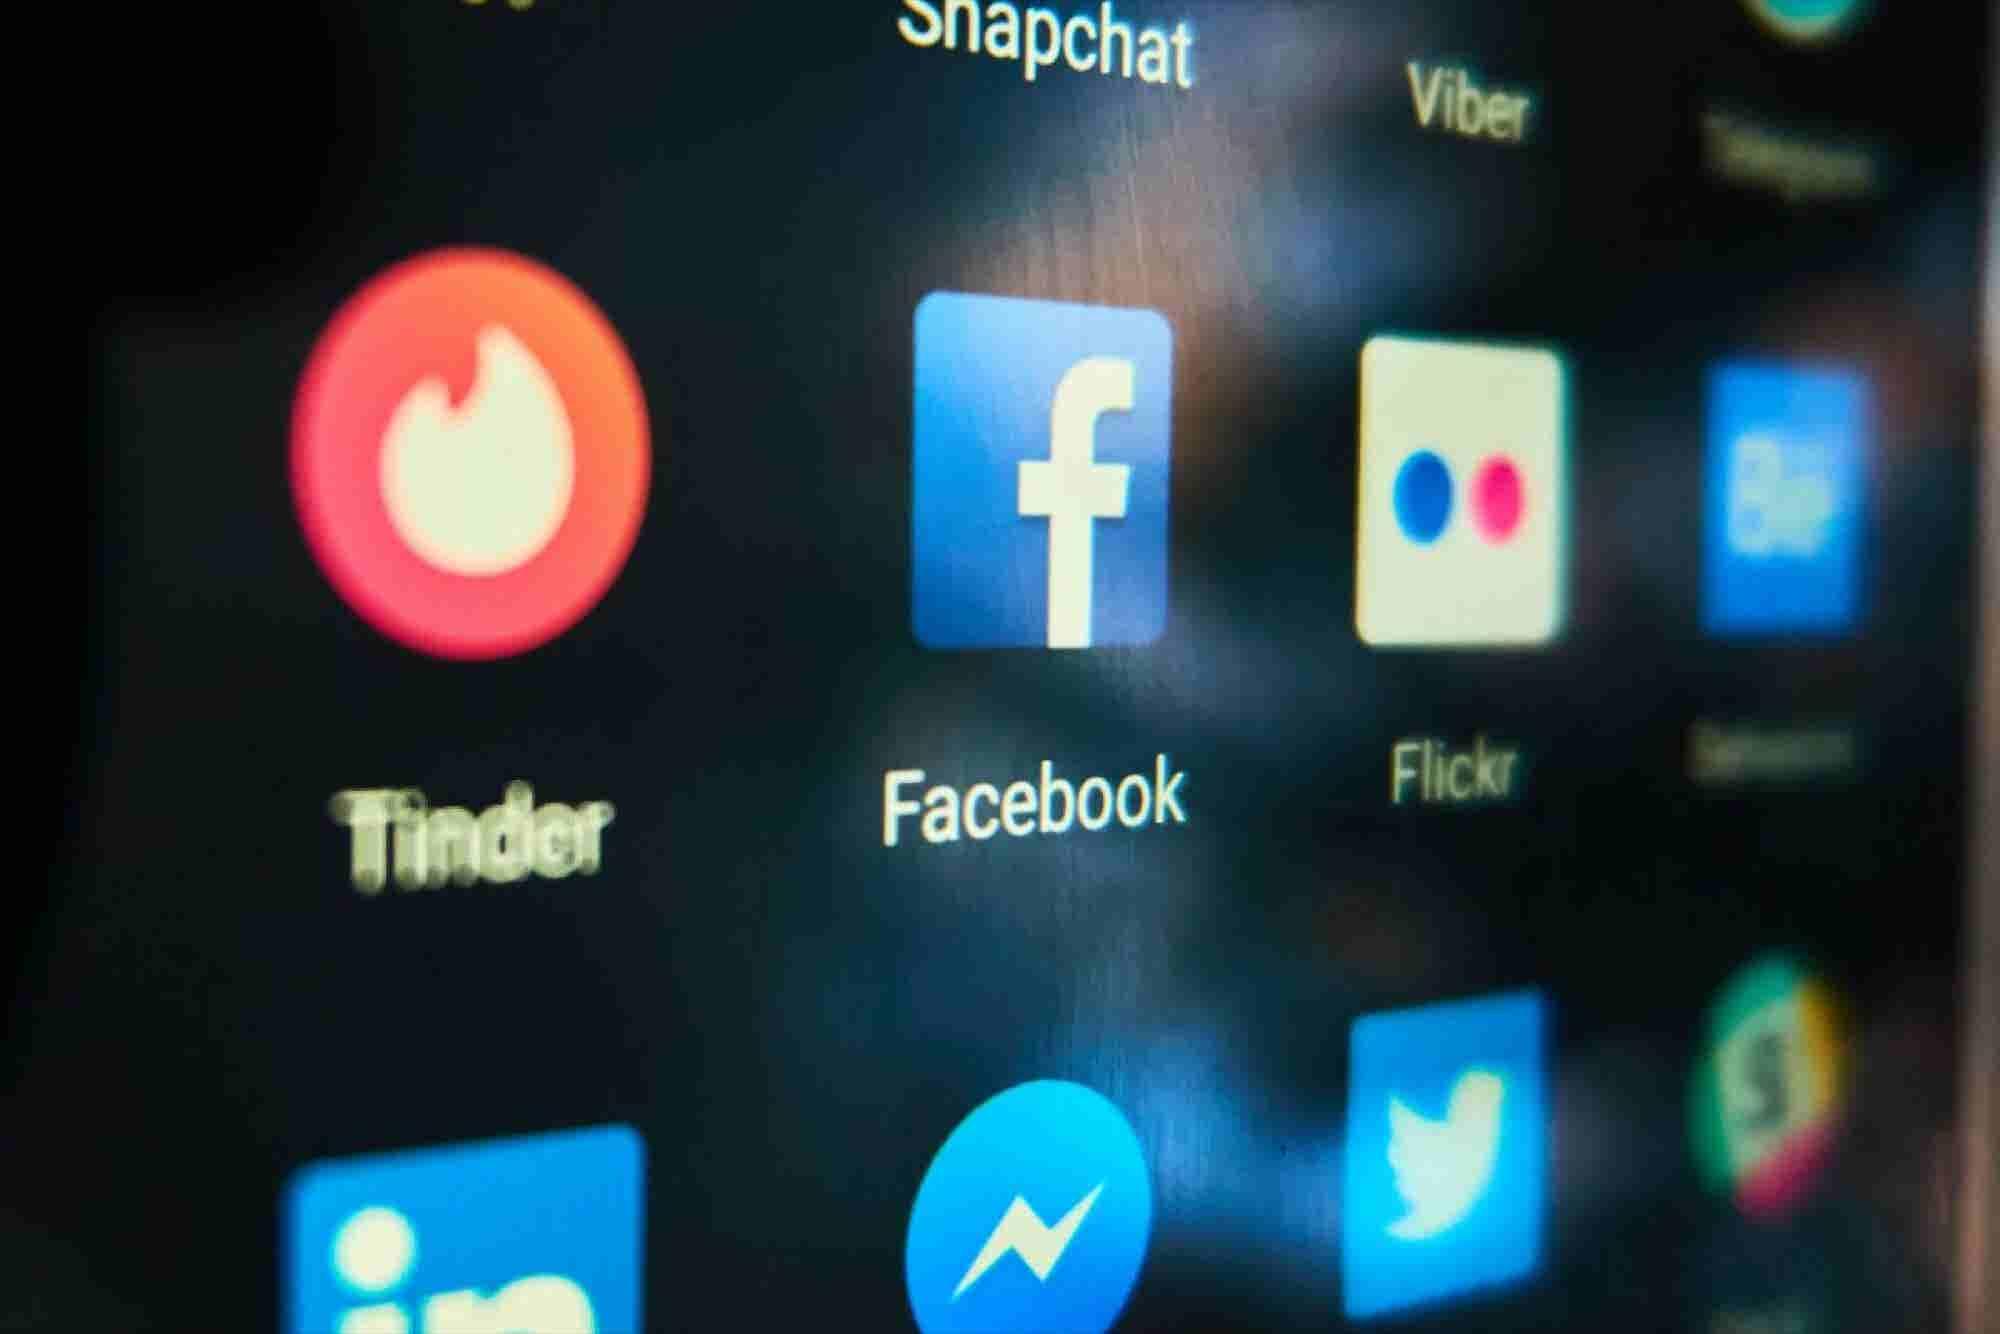 Facebook abre función de citas y desploma las acciones de Tinder